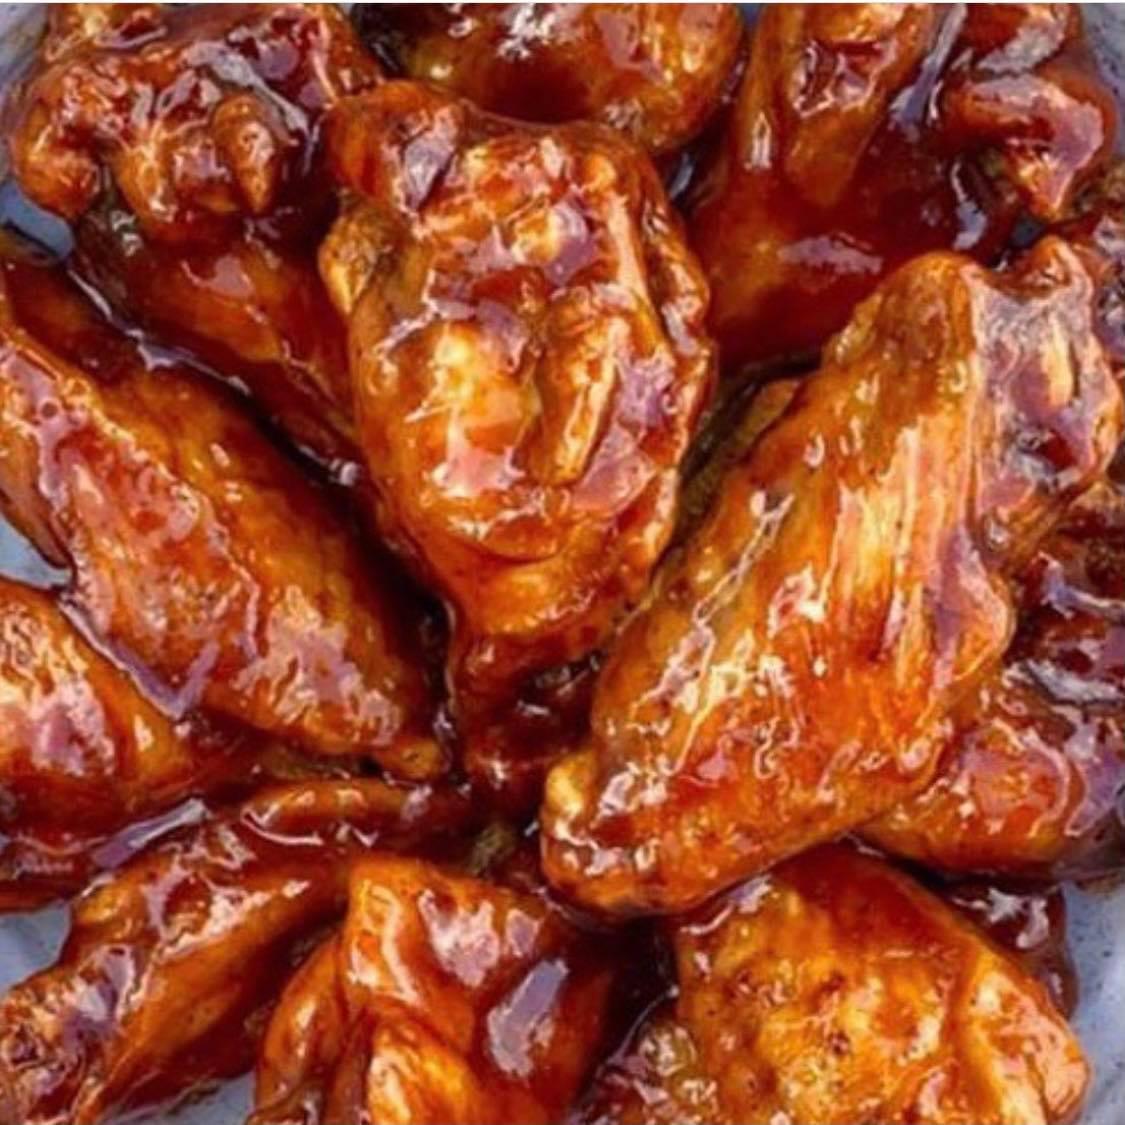 6 Jumbo Wings